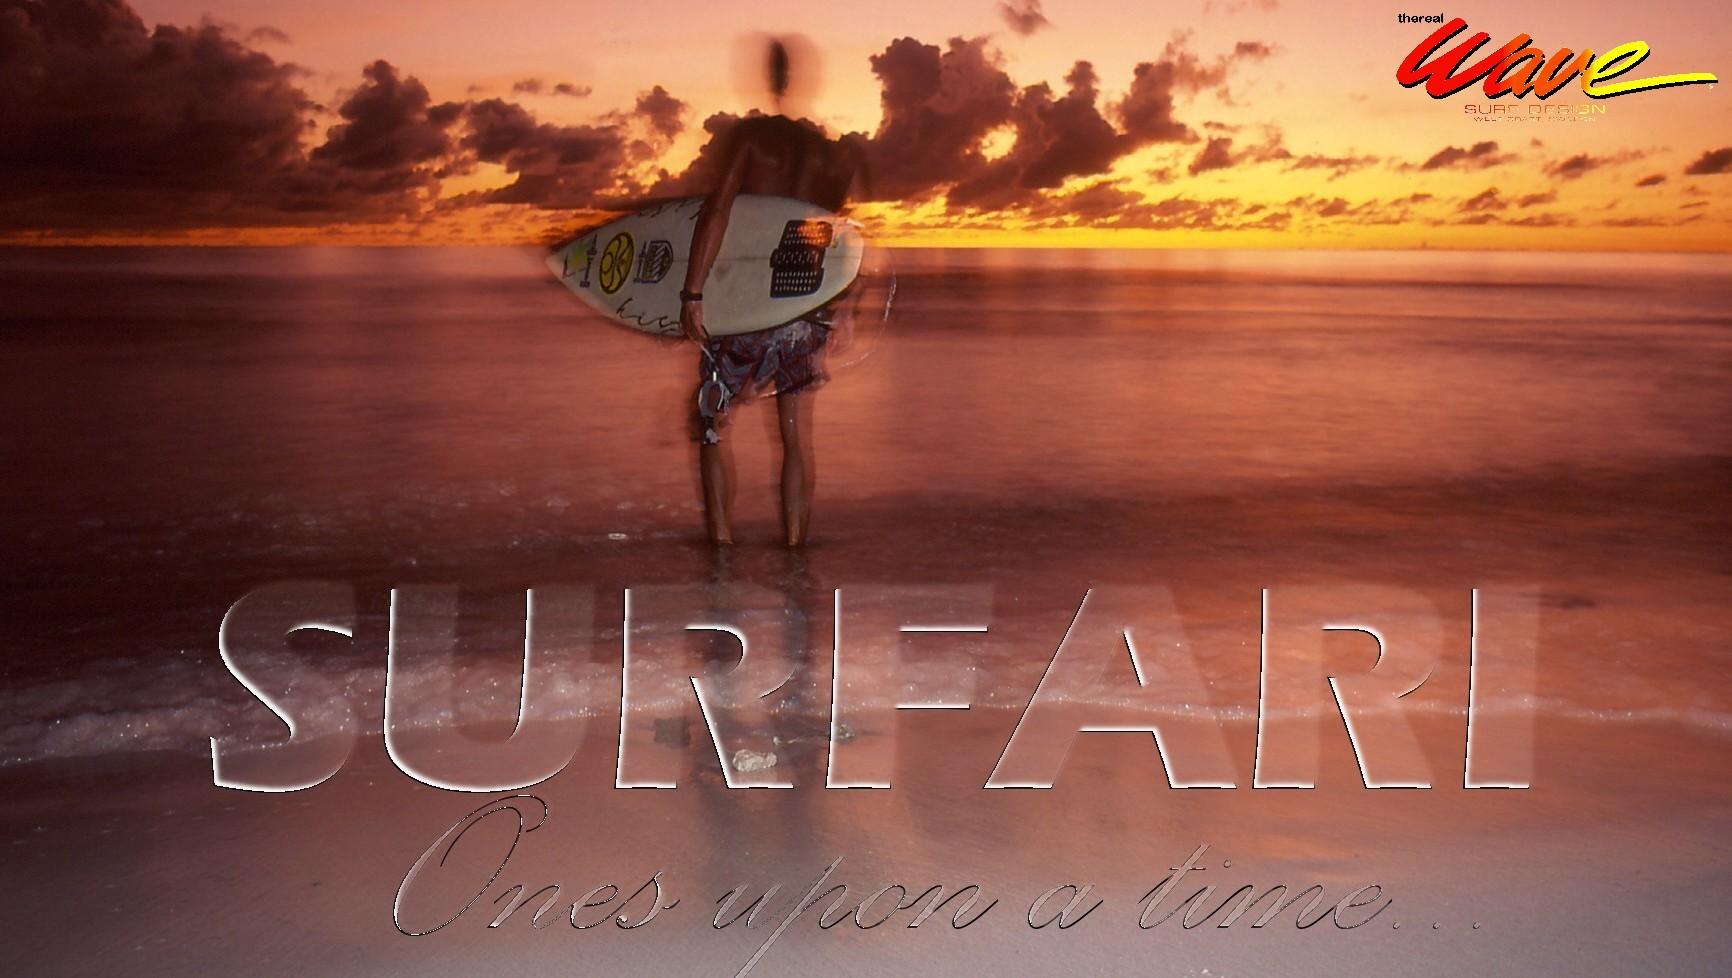 001. Surfari